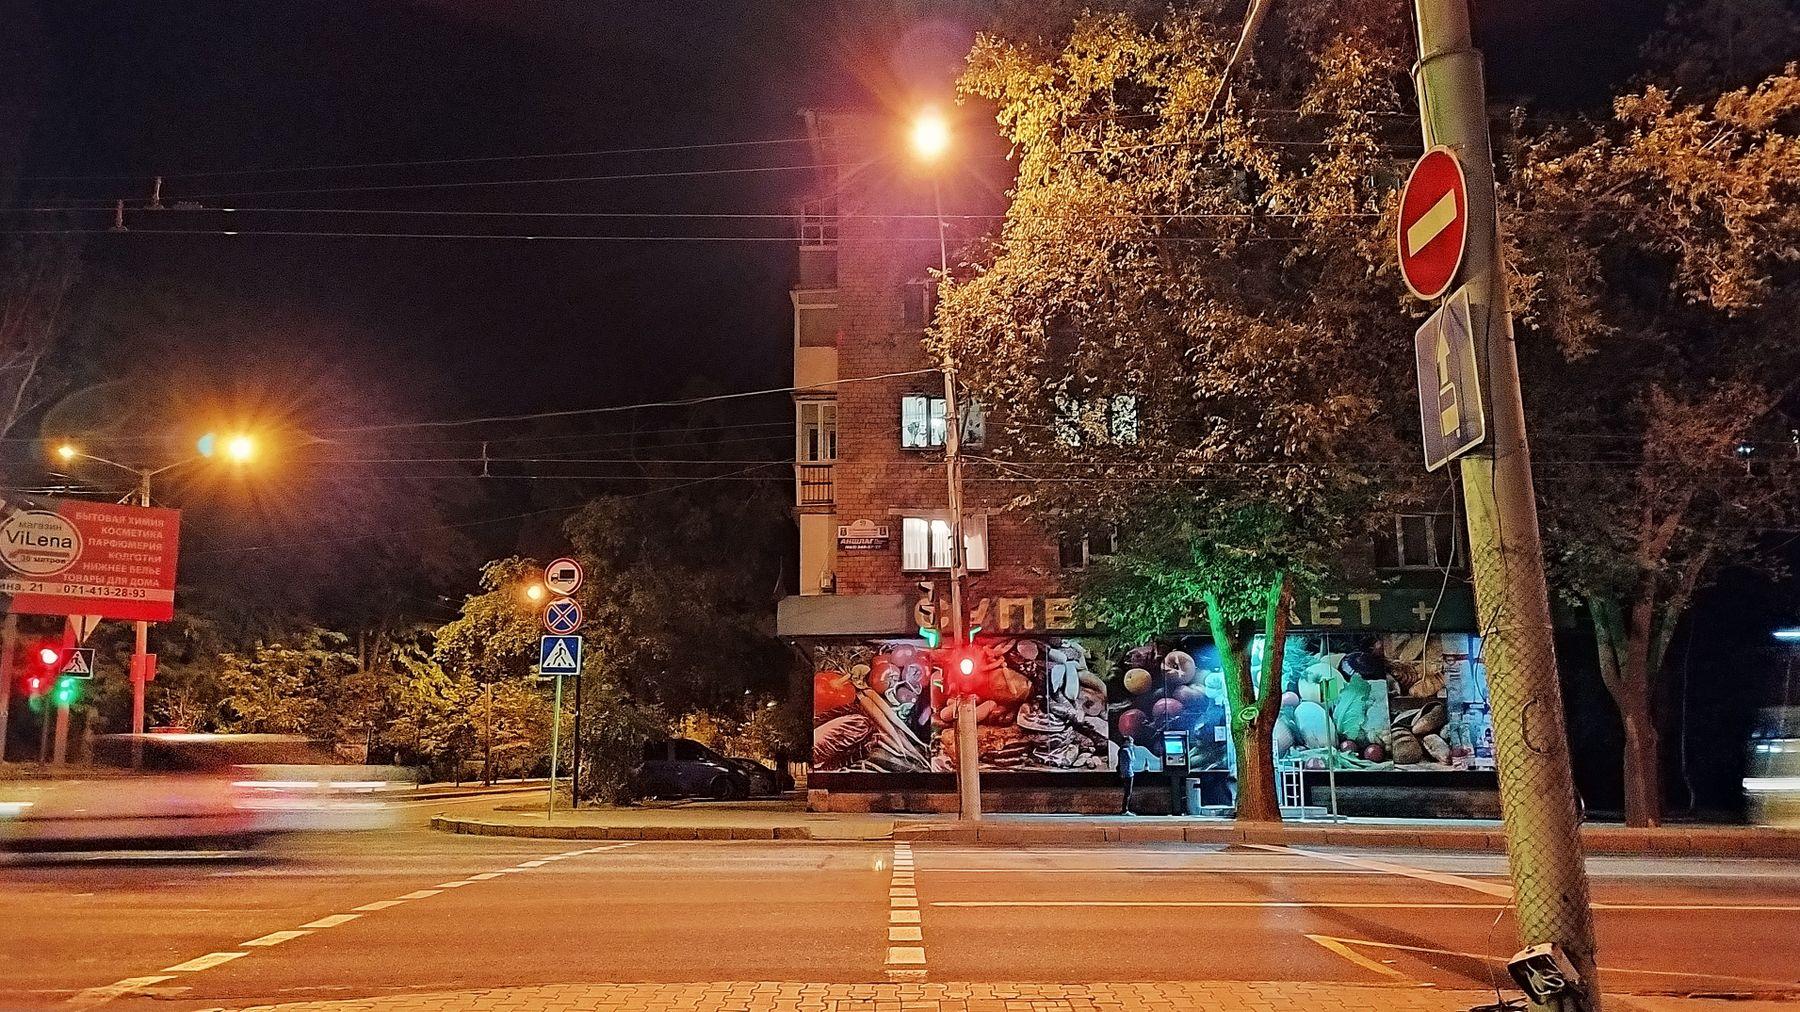 вечер город магазин светофор дорога переход осень машина